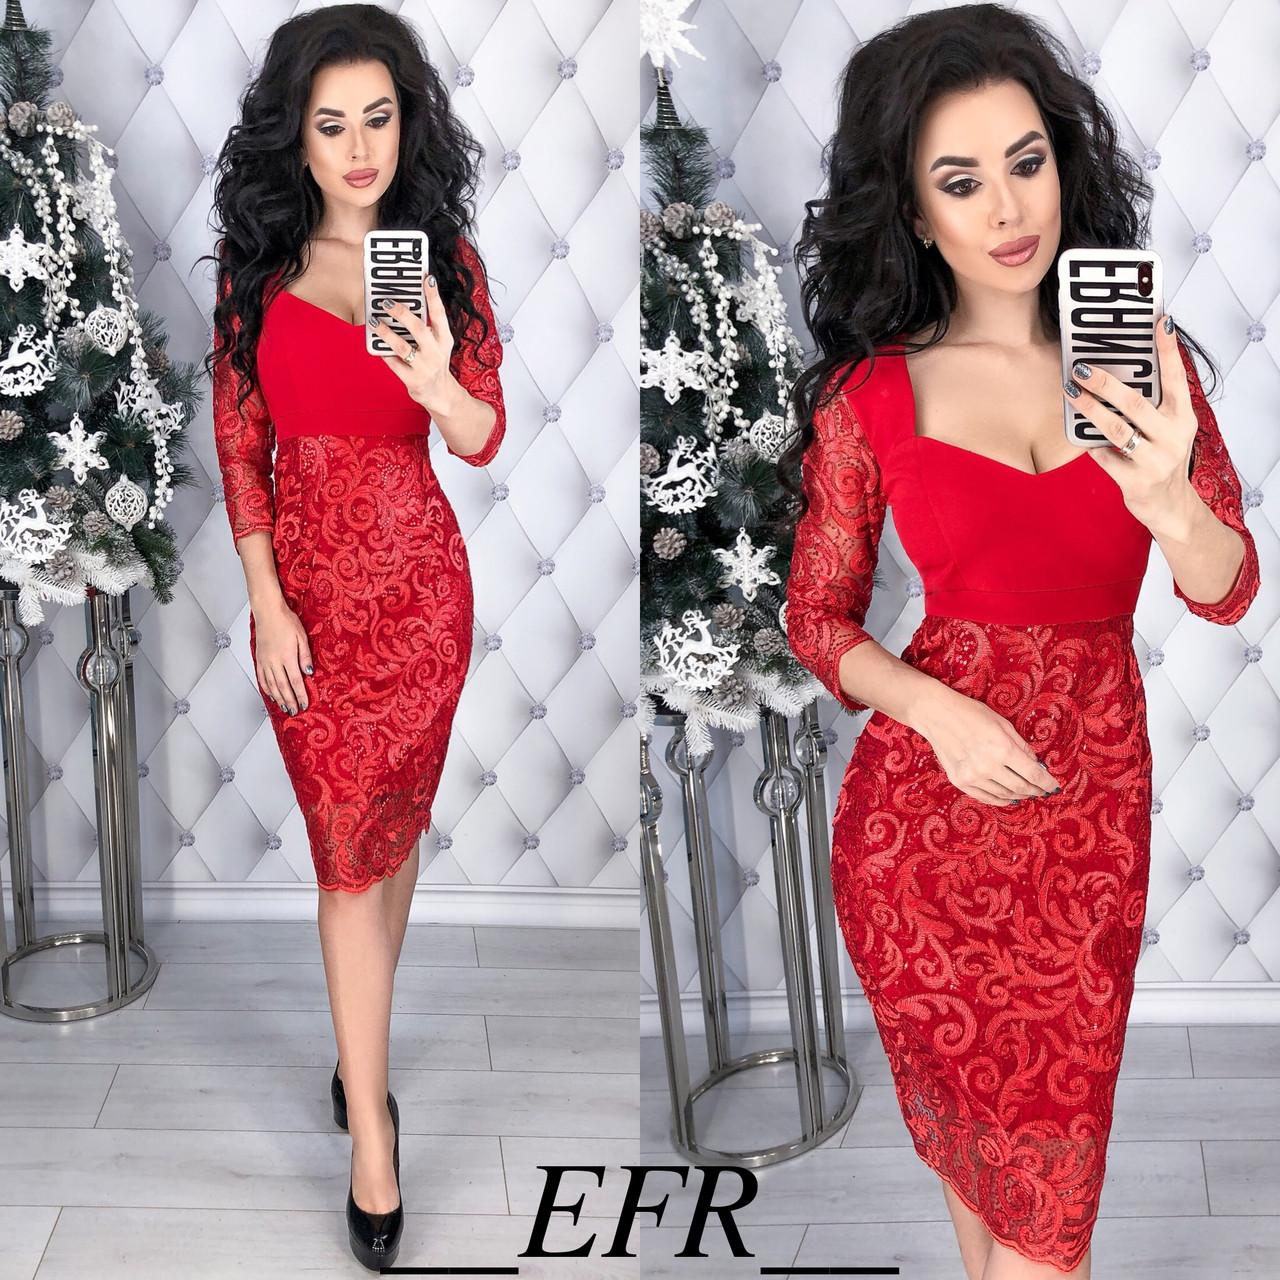 Платье гипюровое в расцветках 35005  Интернет-магазин модной женской одежды  оптом и в розницу . Самые низкие цены в Украине. платья женские от